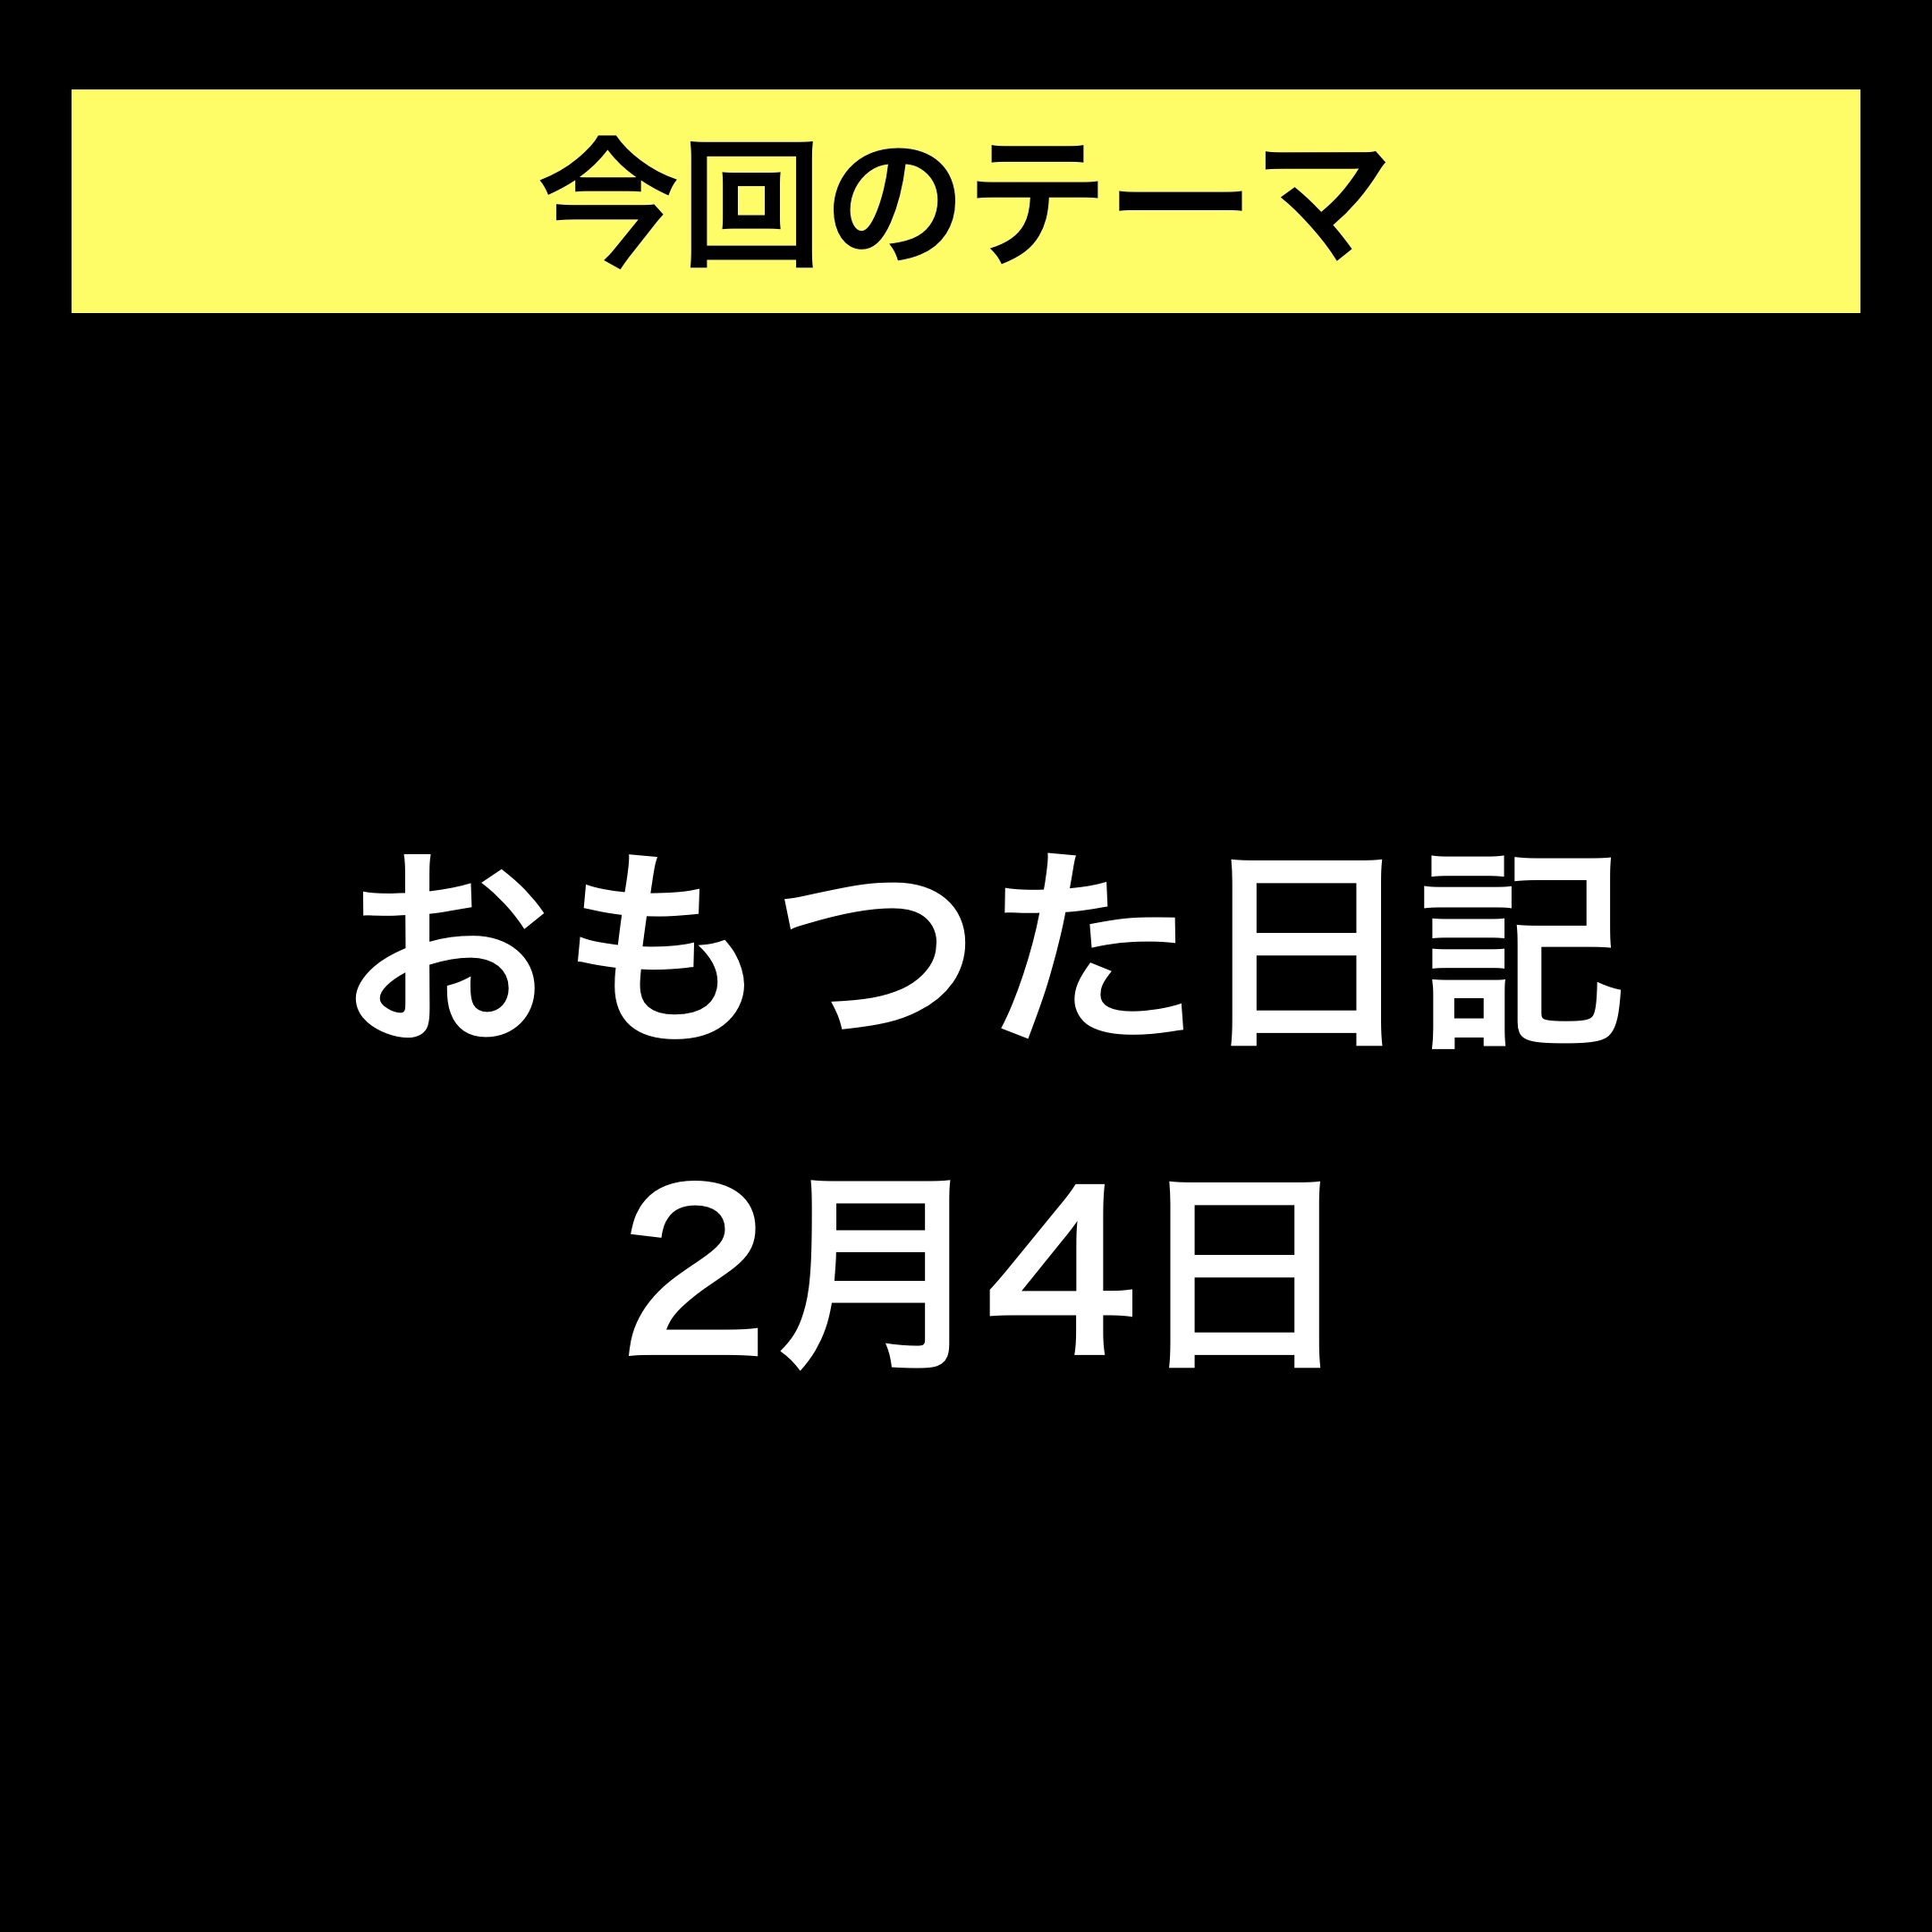 f:id:kobayanzblog:20200205001342j:image